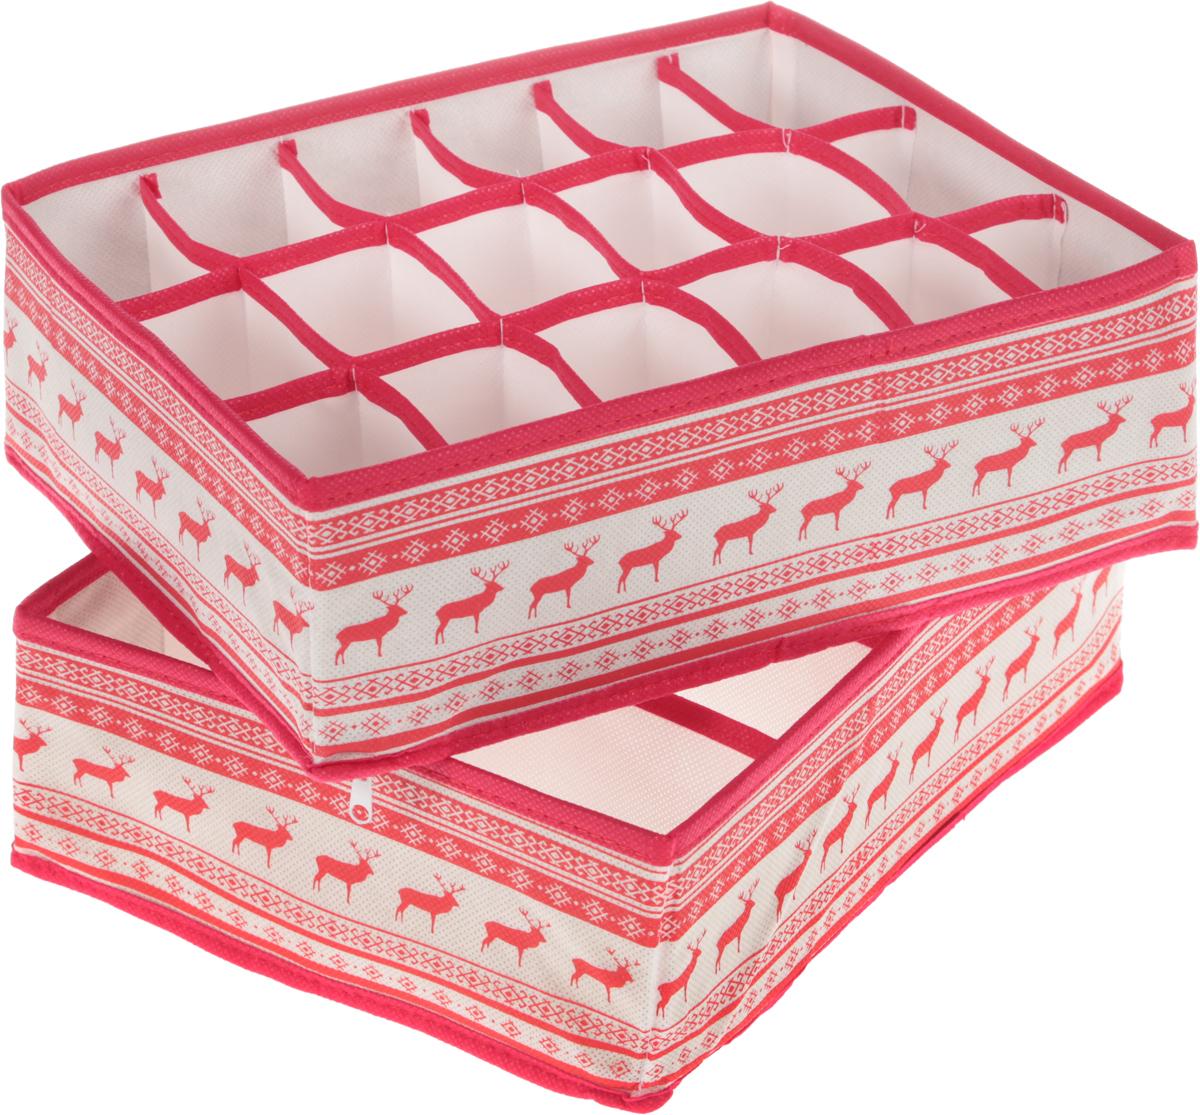 Органайзер Homsu Scandinavia, 31 х 24 х 11 см, 2 штDEN-20Комплект Homsu Scandinavia, выполненный из полиэстера, спанбонда и картона состоит из двух прямоугольных органайзеров с 18 и 8 раздельными ячейками. Изделия очень удобны для хранения мелких вещей в ящике или на полке. Идеально подойдут для носков, платков, галстуков и других вещей ежедневного пользования. Имеют жесткие борта, что является гарантией сохранности вещей. Размер органайзера (в собранном виде): 31 x 24 x11 см.Размер ячеек: 7 х 5 см; 12 х 8 см.